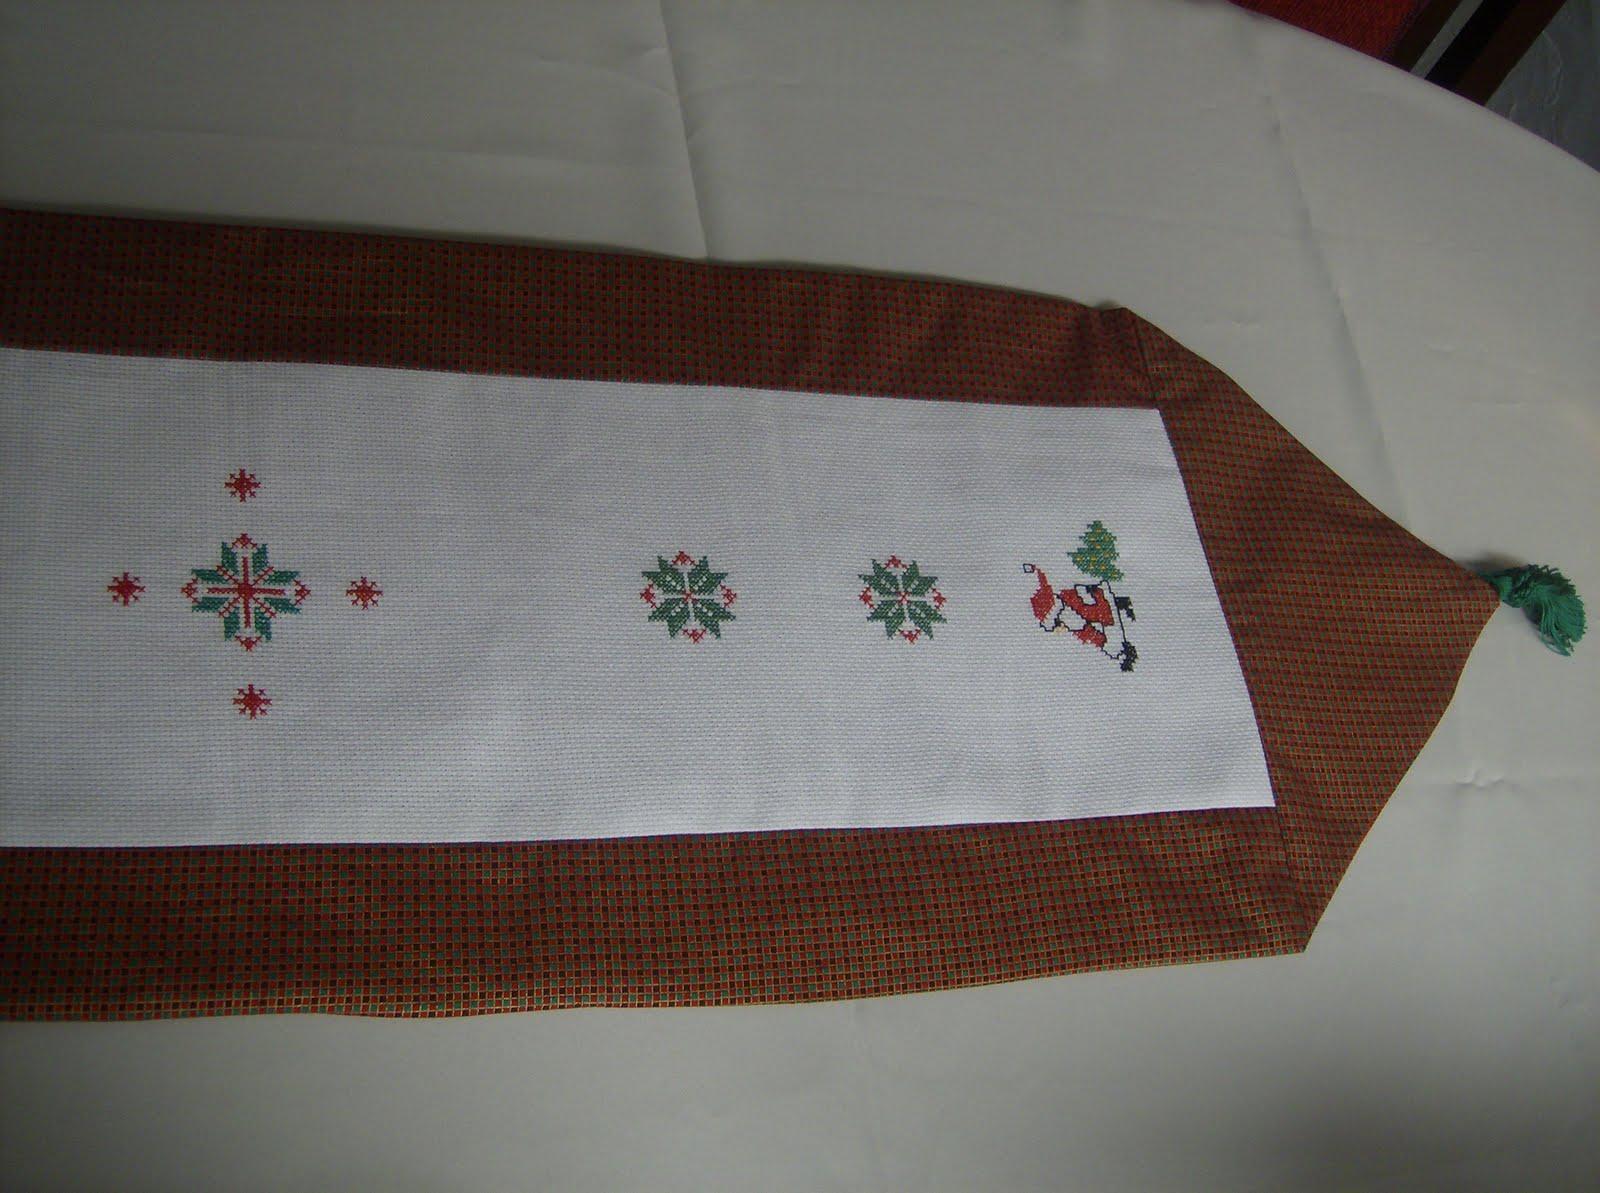 Camino de mesa tejido en crochet 15 rosas youtube camino - Camino de mesa elegante en crochet ...